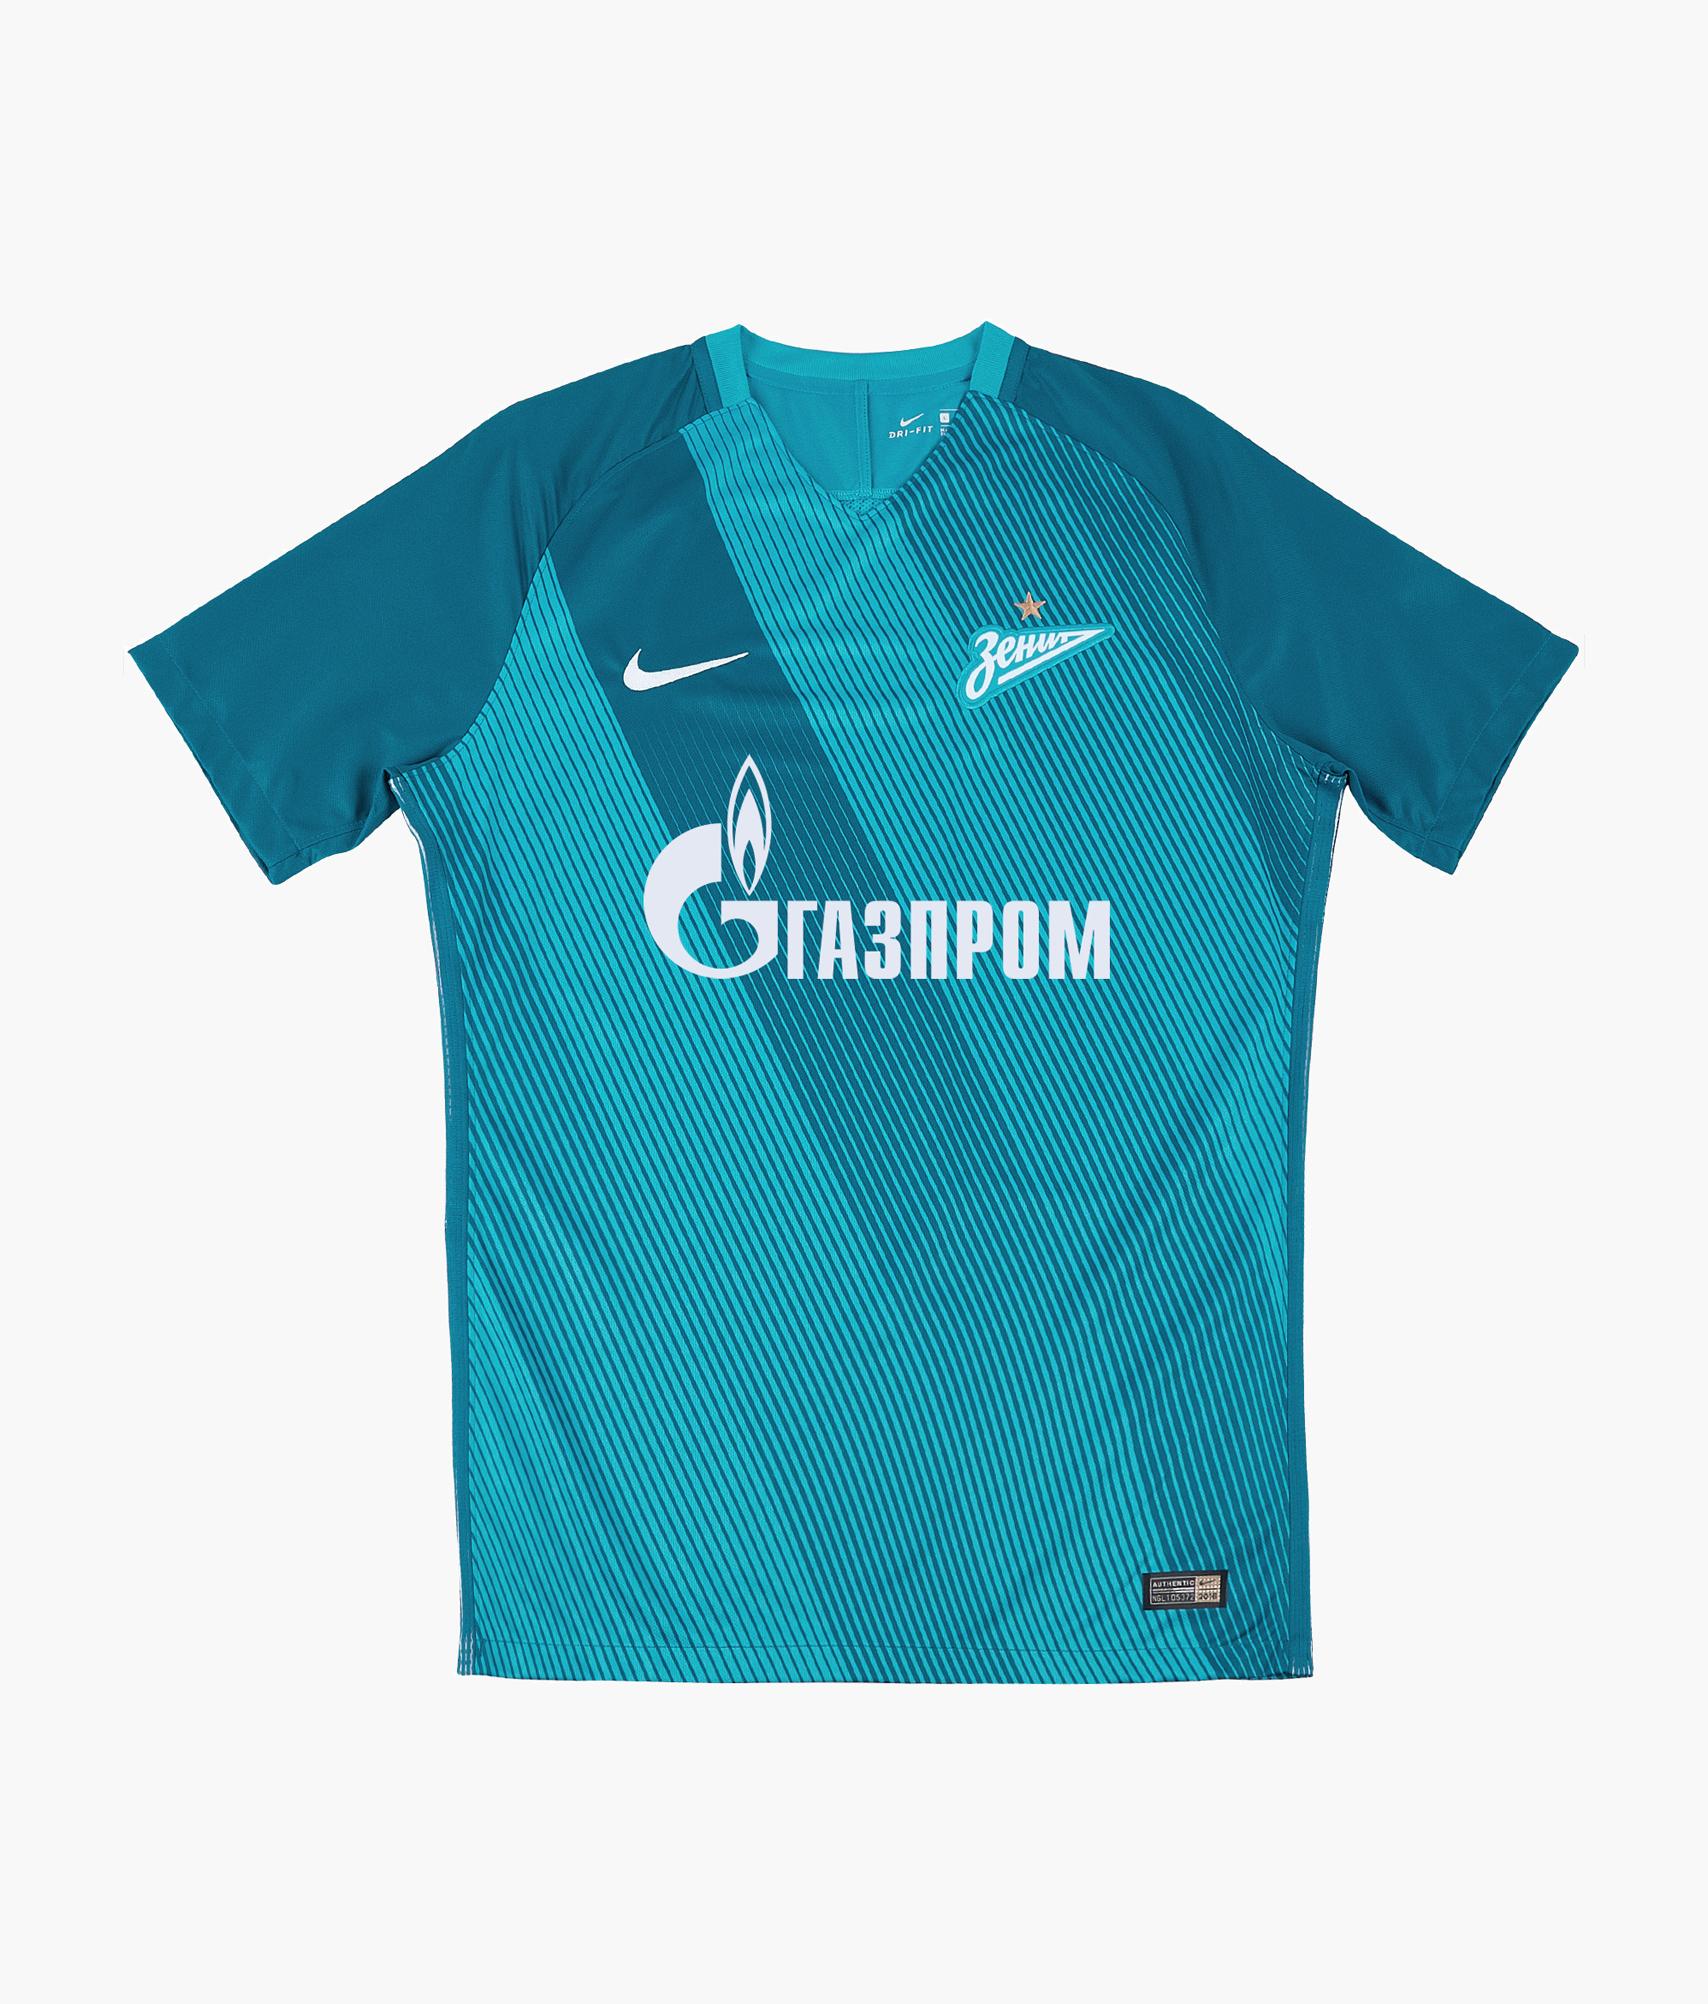 Домашняя оригинальная футболка Nike Nike Цвет-Синий оригинальная домашняя футболка nike дзюба 22 2018 19 nike